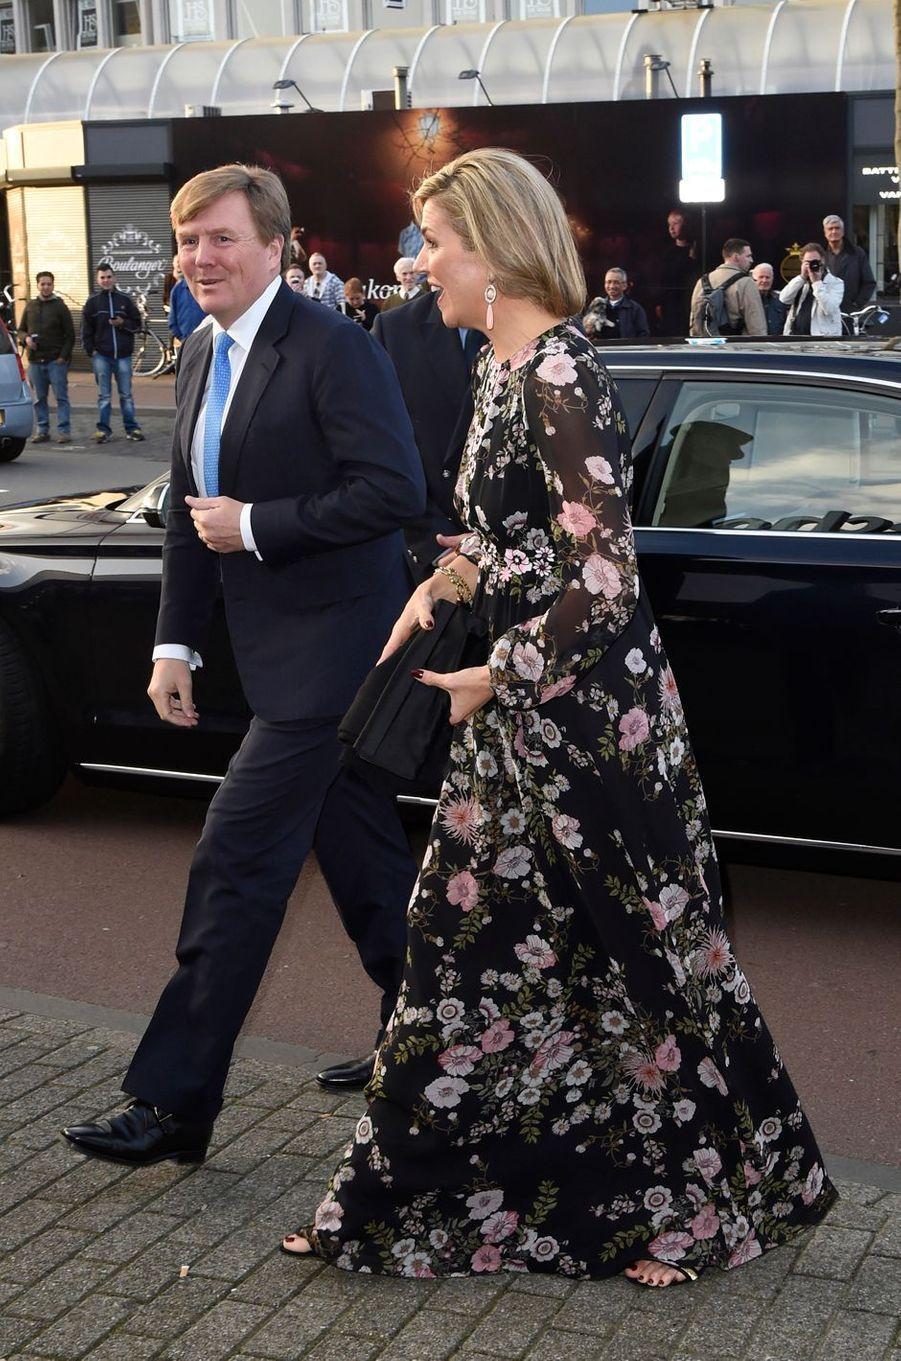 La reine Maxima en Giambattista Valli avec le roi Willem-Alexander des Pays-Bas à Tilburg, le 3 avril 2017